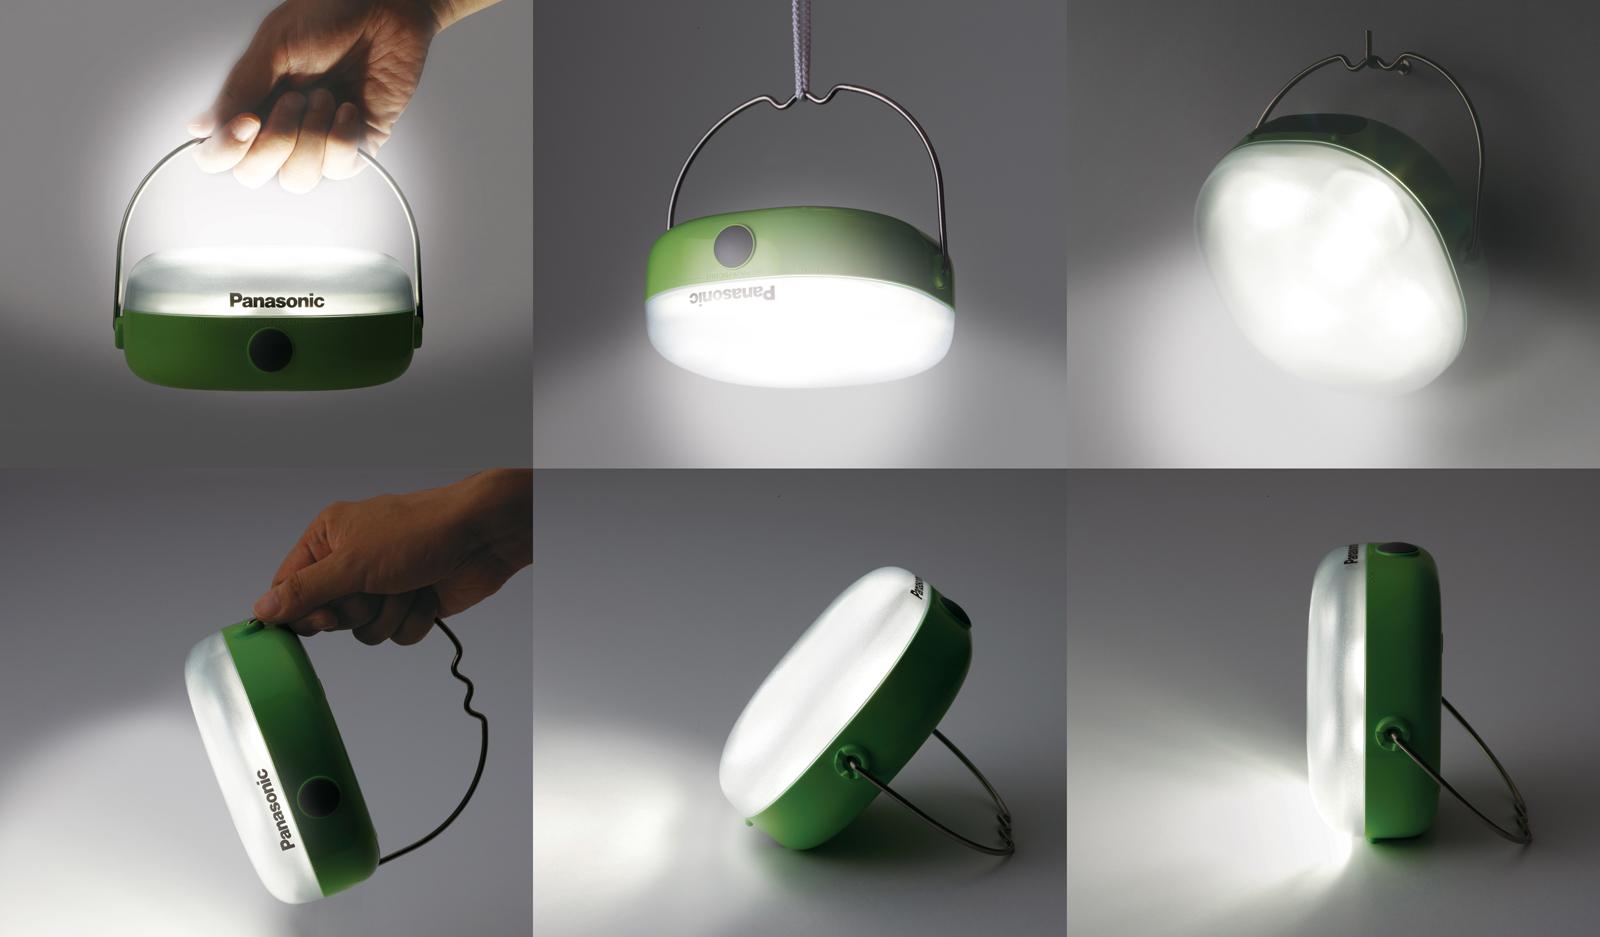 無電化地域の生活照明として活躍する「ソーラーランタン」を発売~約6時間 ※1 で充電でき、360度照らせる